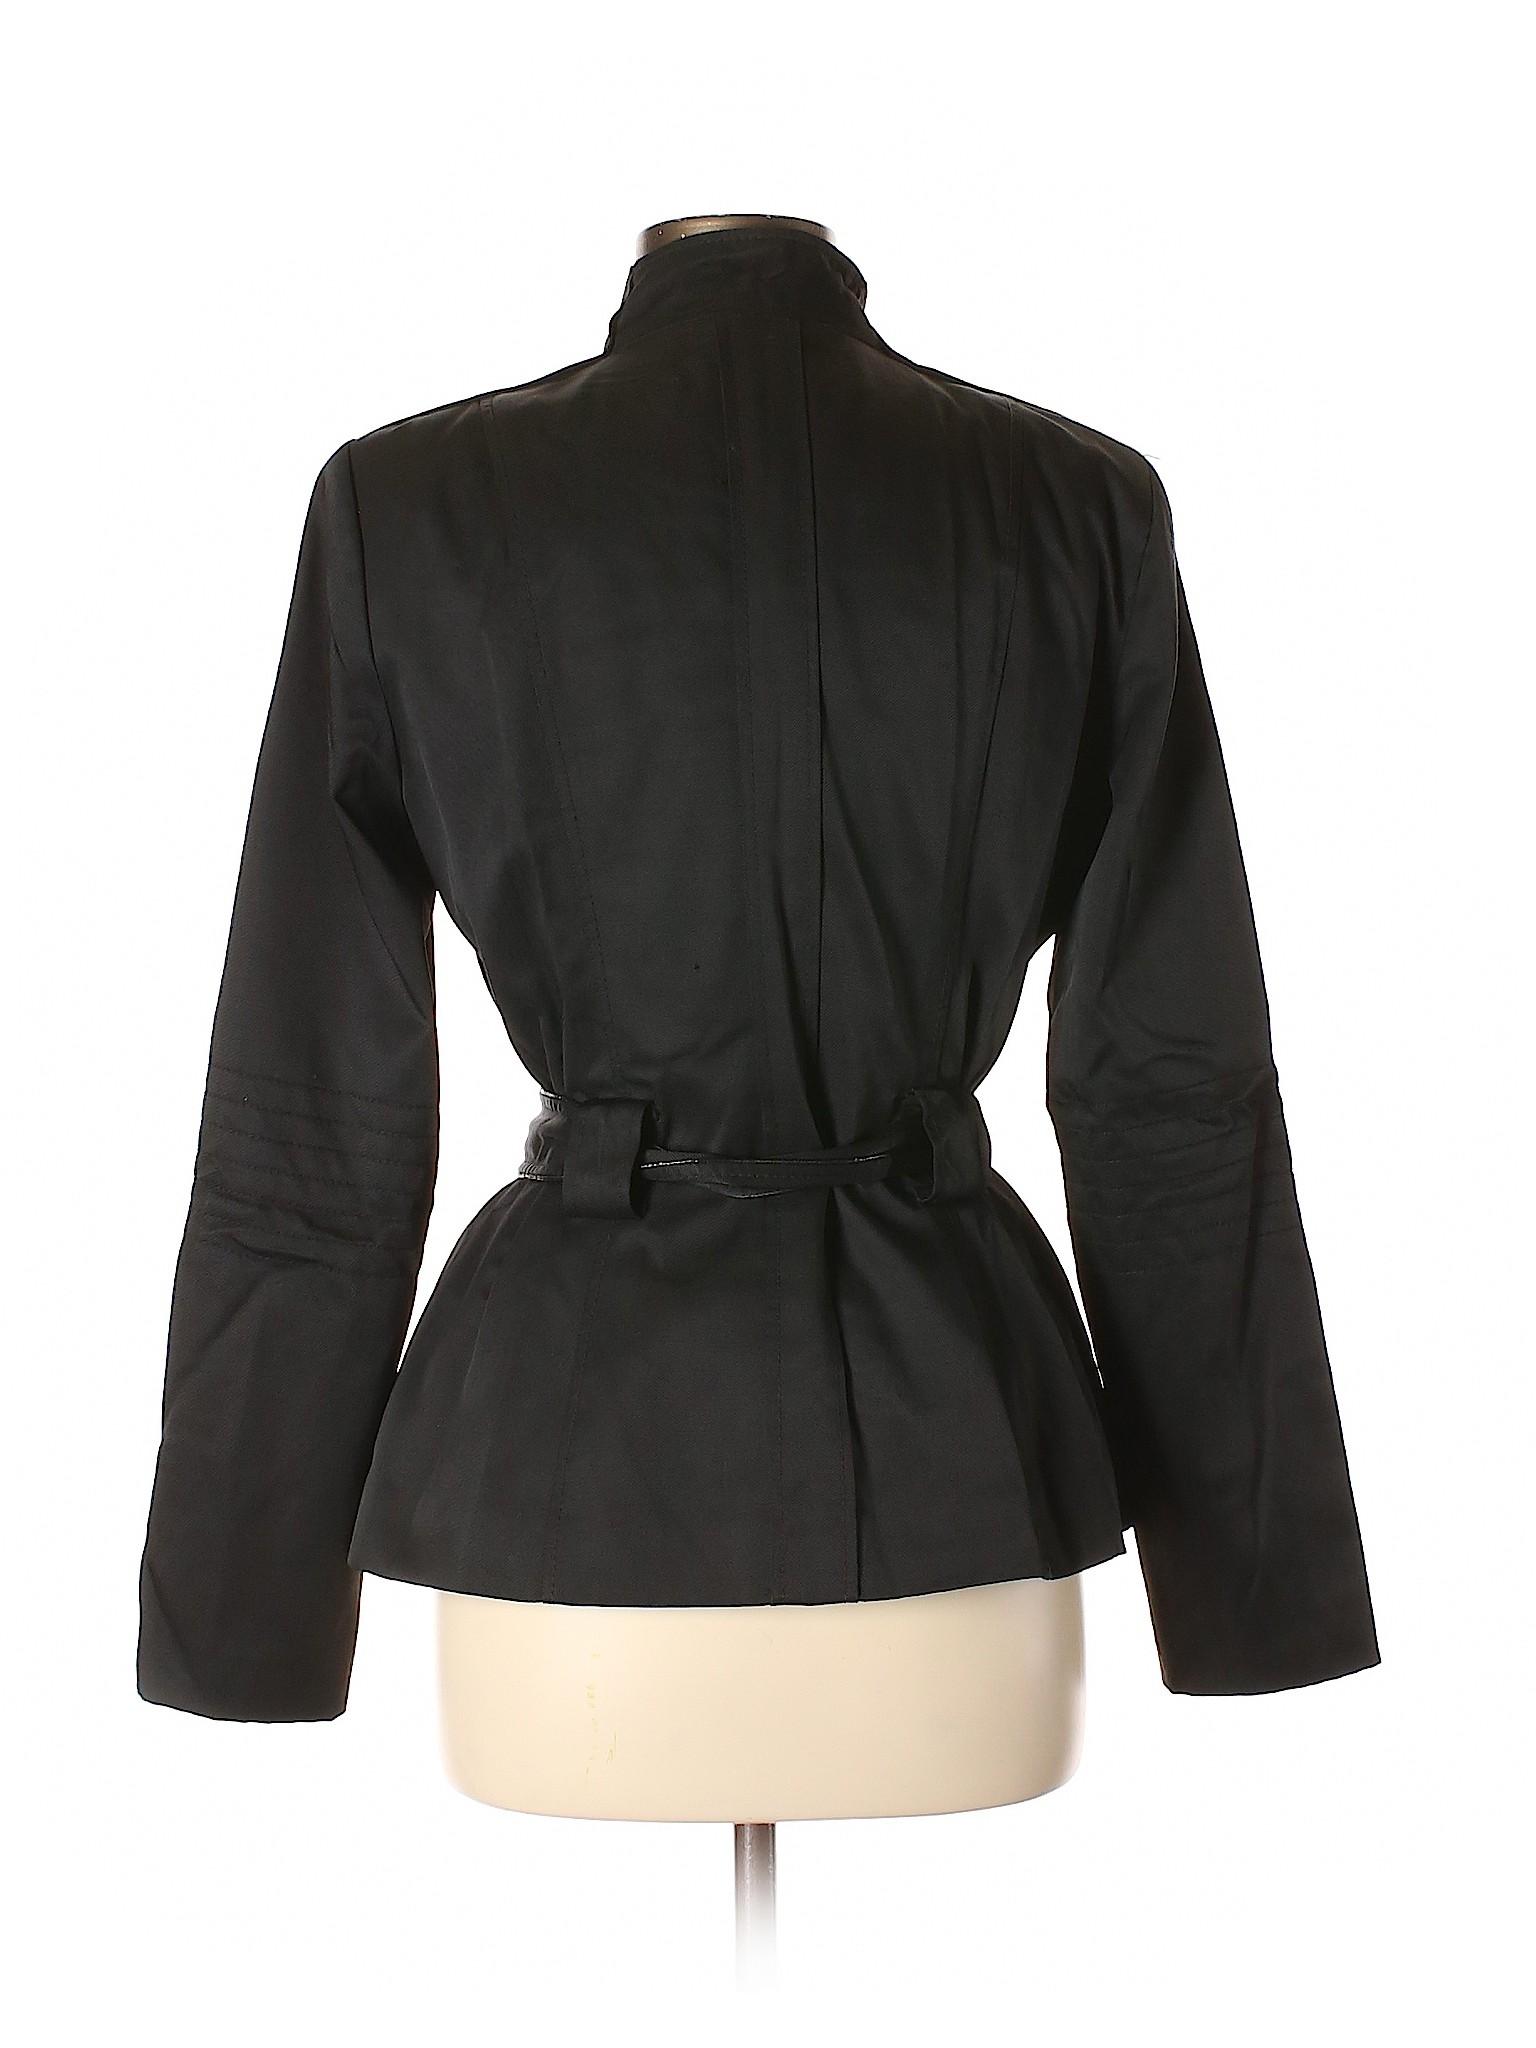 Boutique leisure Jacket Zara Boutique leisure Basic qE5P0